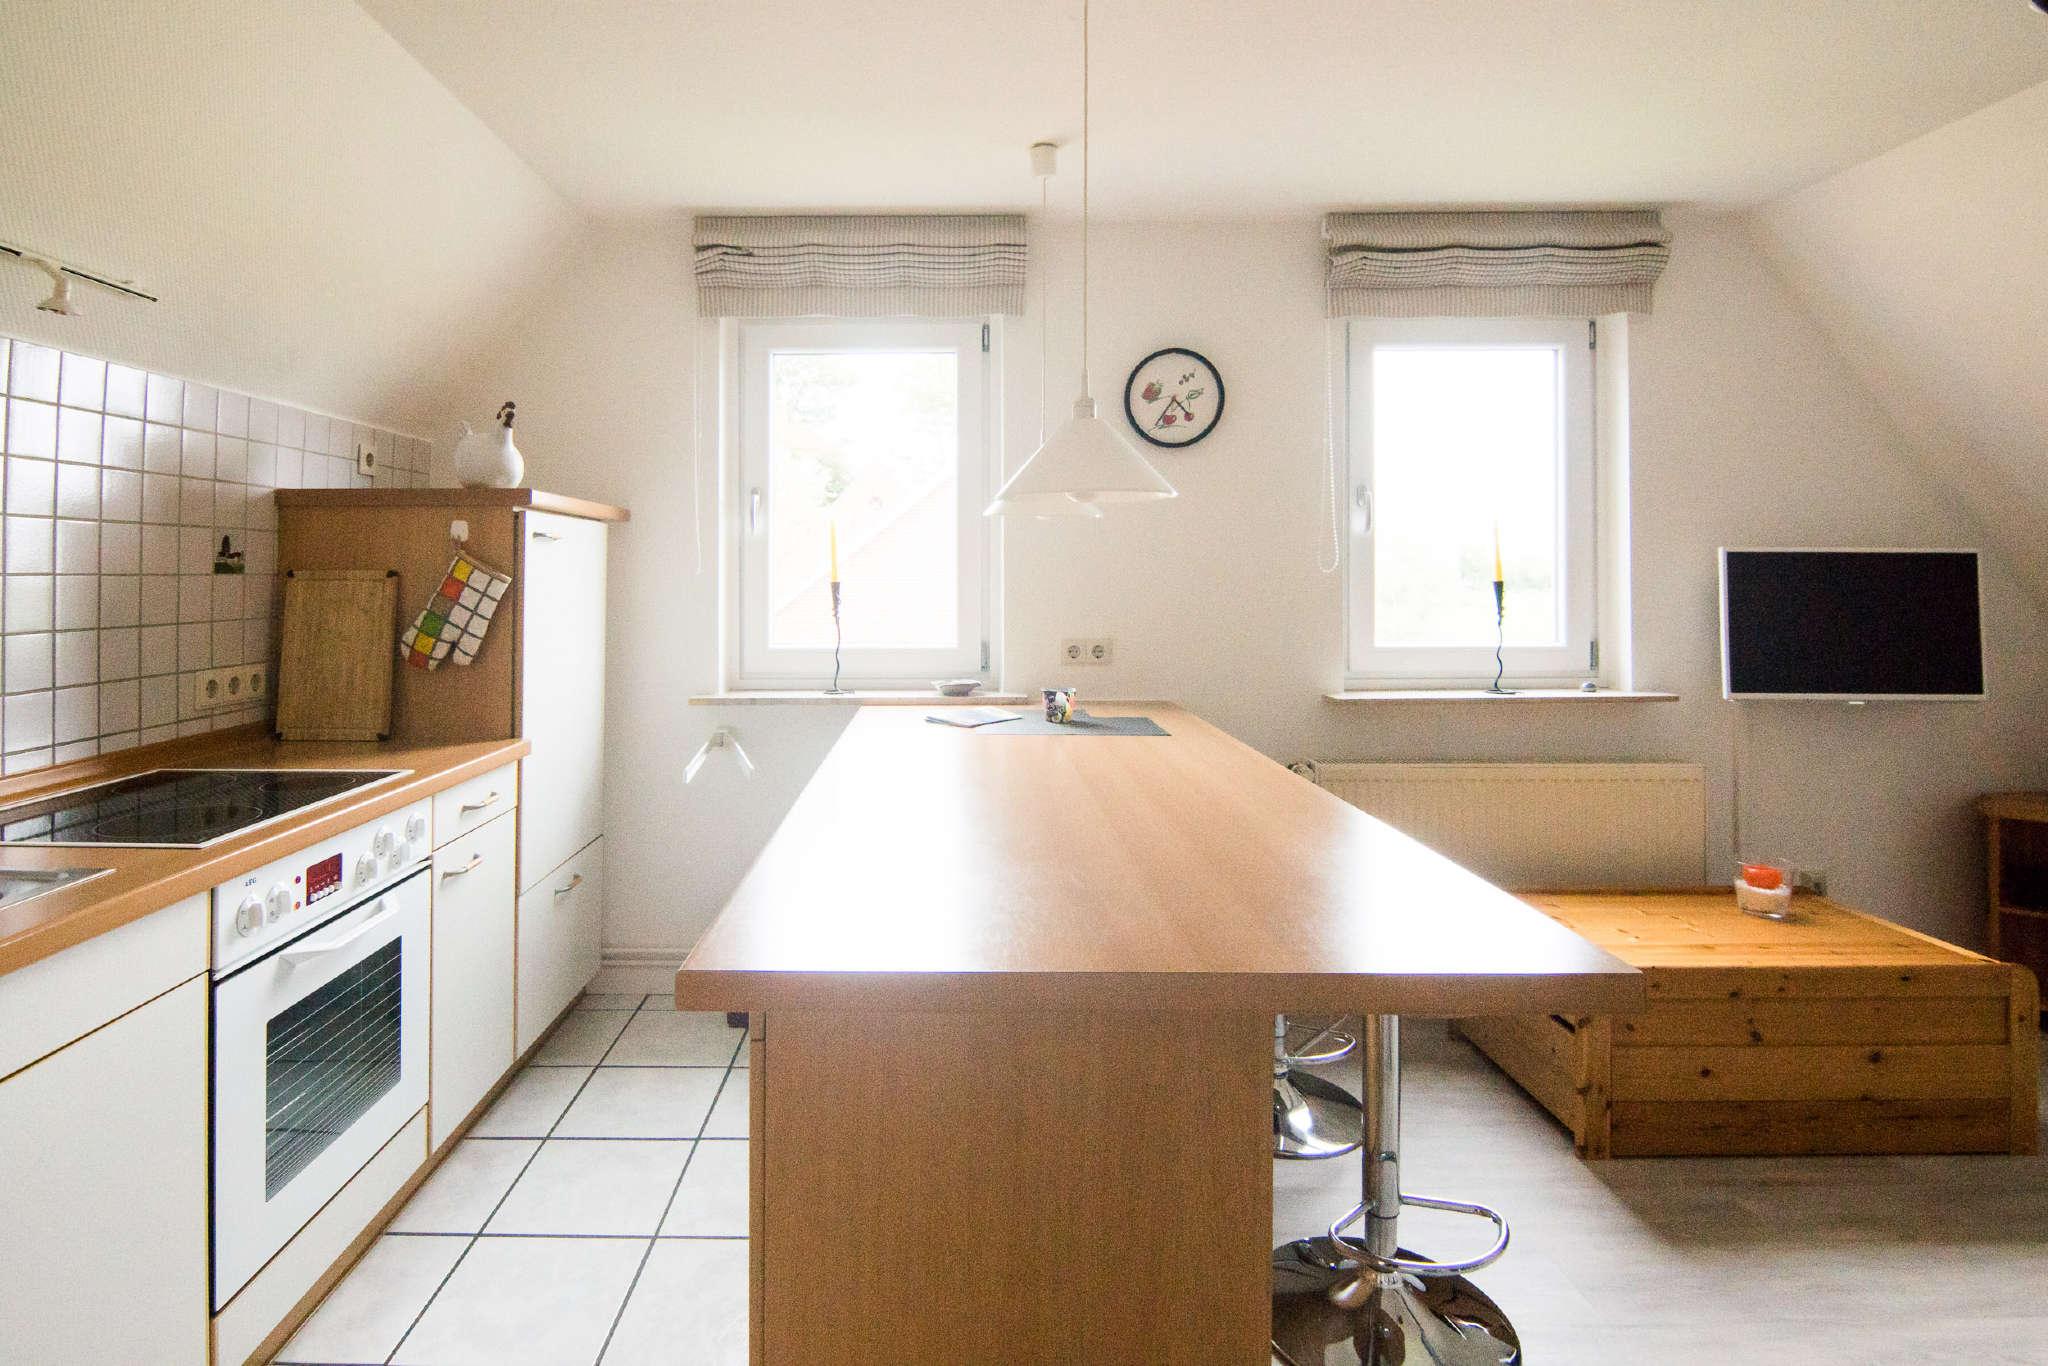 ferienwohnung hein in nordstrand schleswig holstein ursula ederer. Black Bedroom Furniture Sets. Home Design Ideas